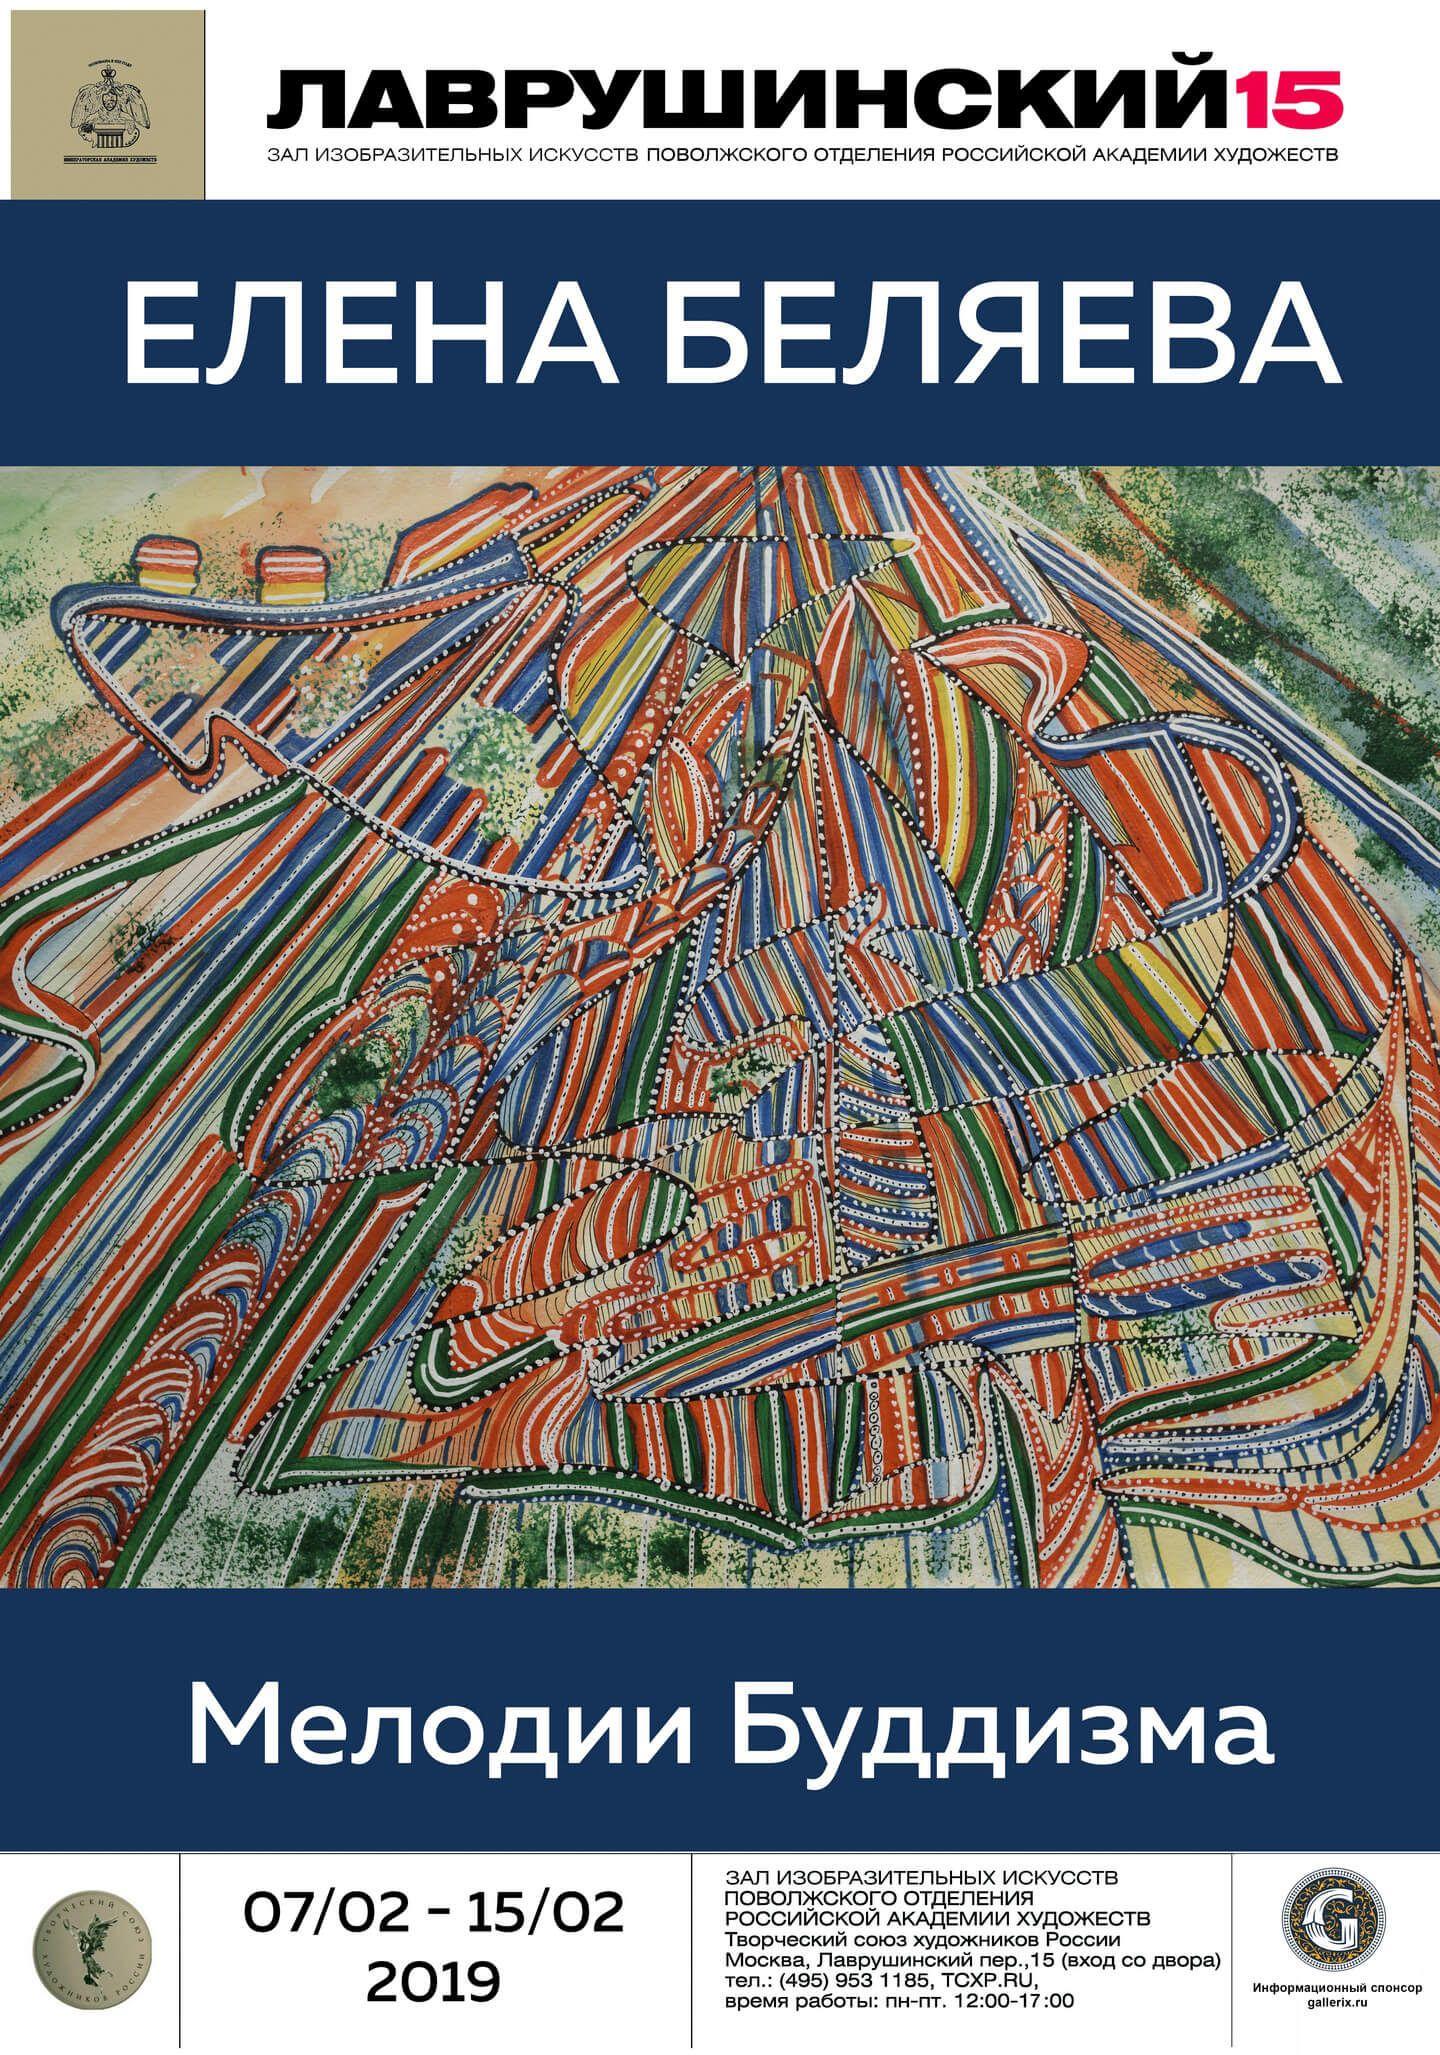 """""""Melodies of Buddhism"""" by Elena Belyaeva"""